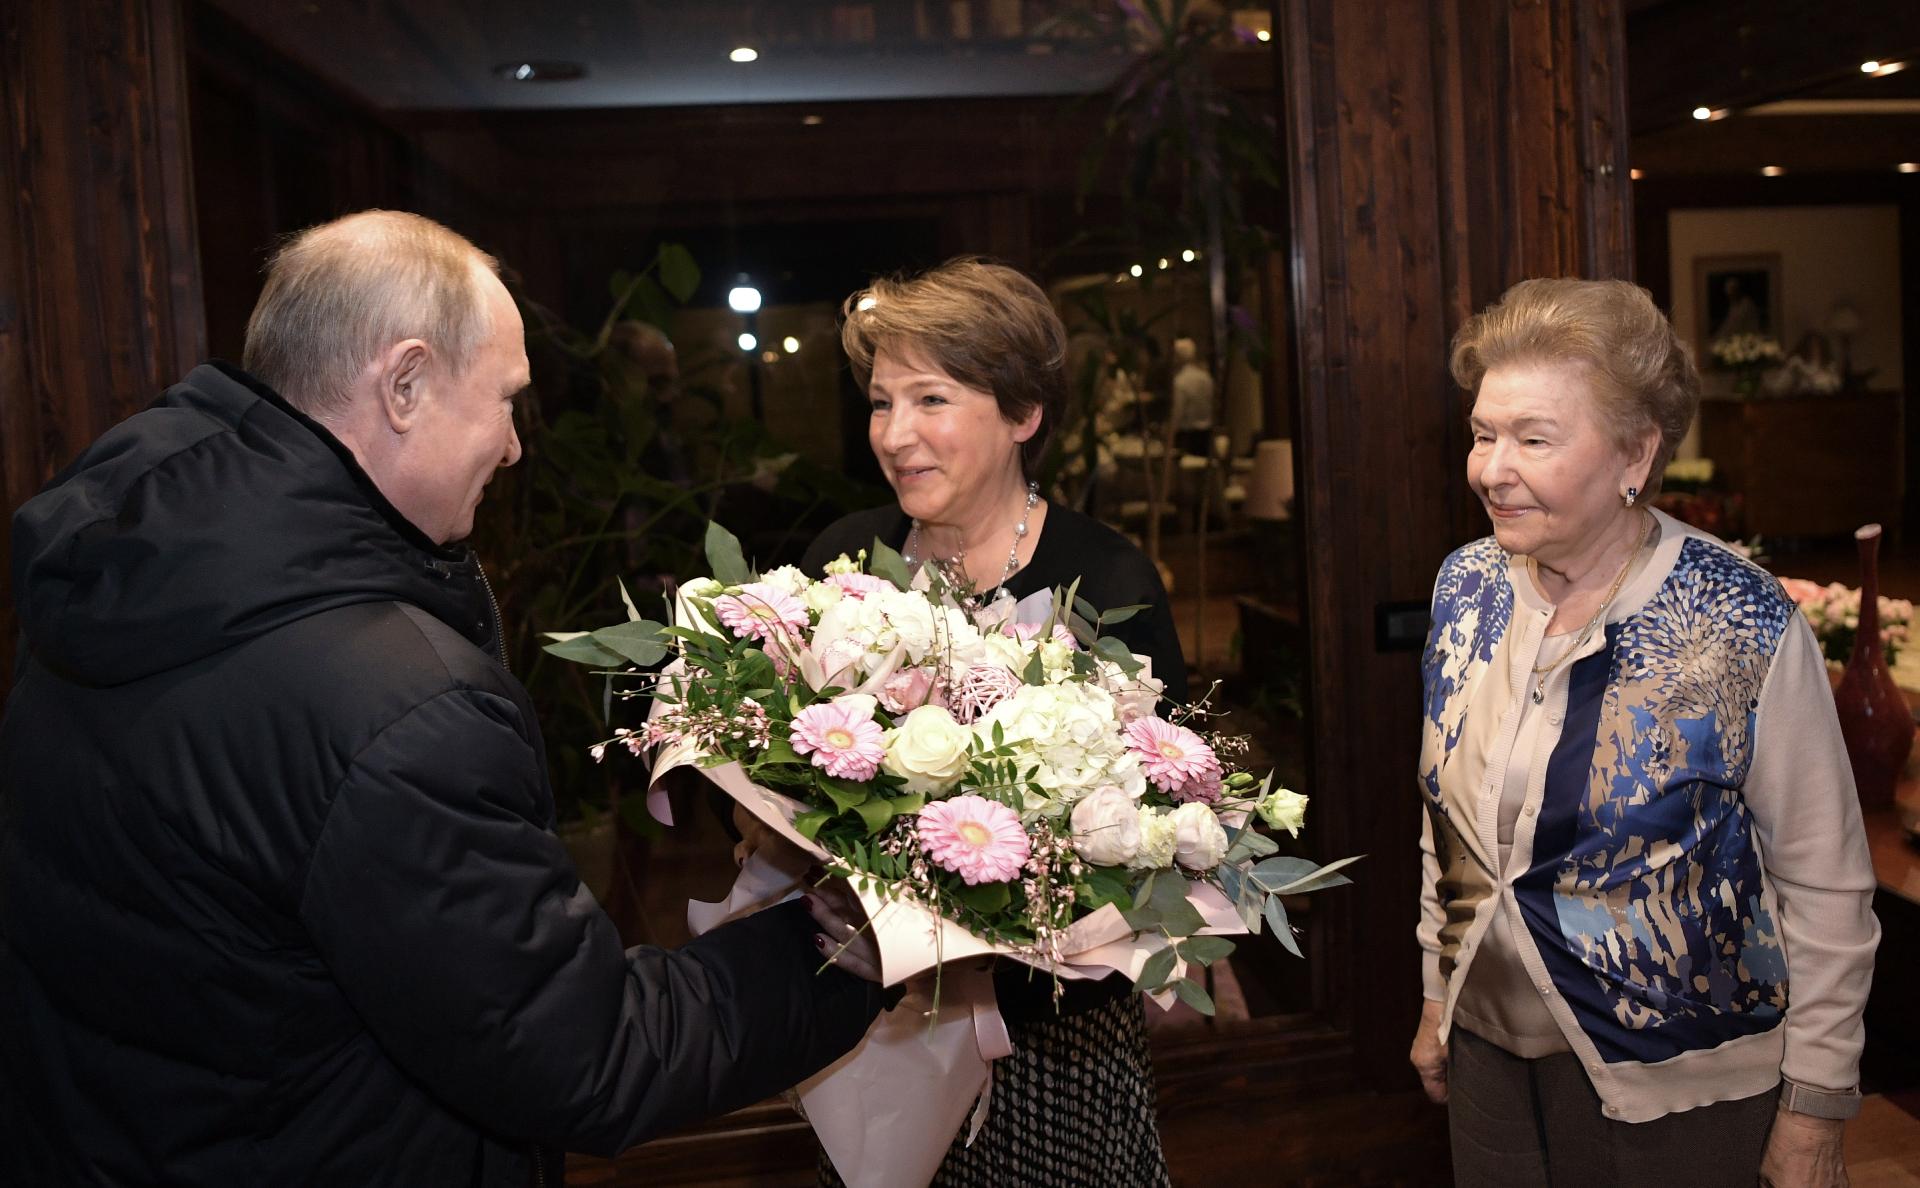 Владимир Путин, Татьяна Юмашева (в центре)и Наина Ельцина, вдова Бориса Ельцина (справа)